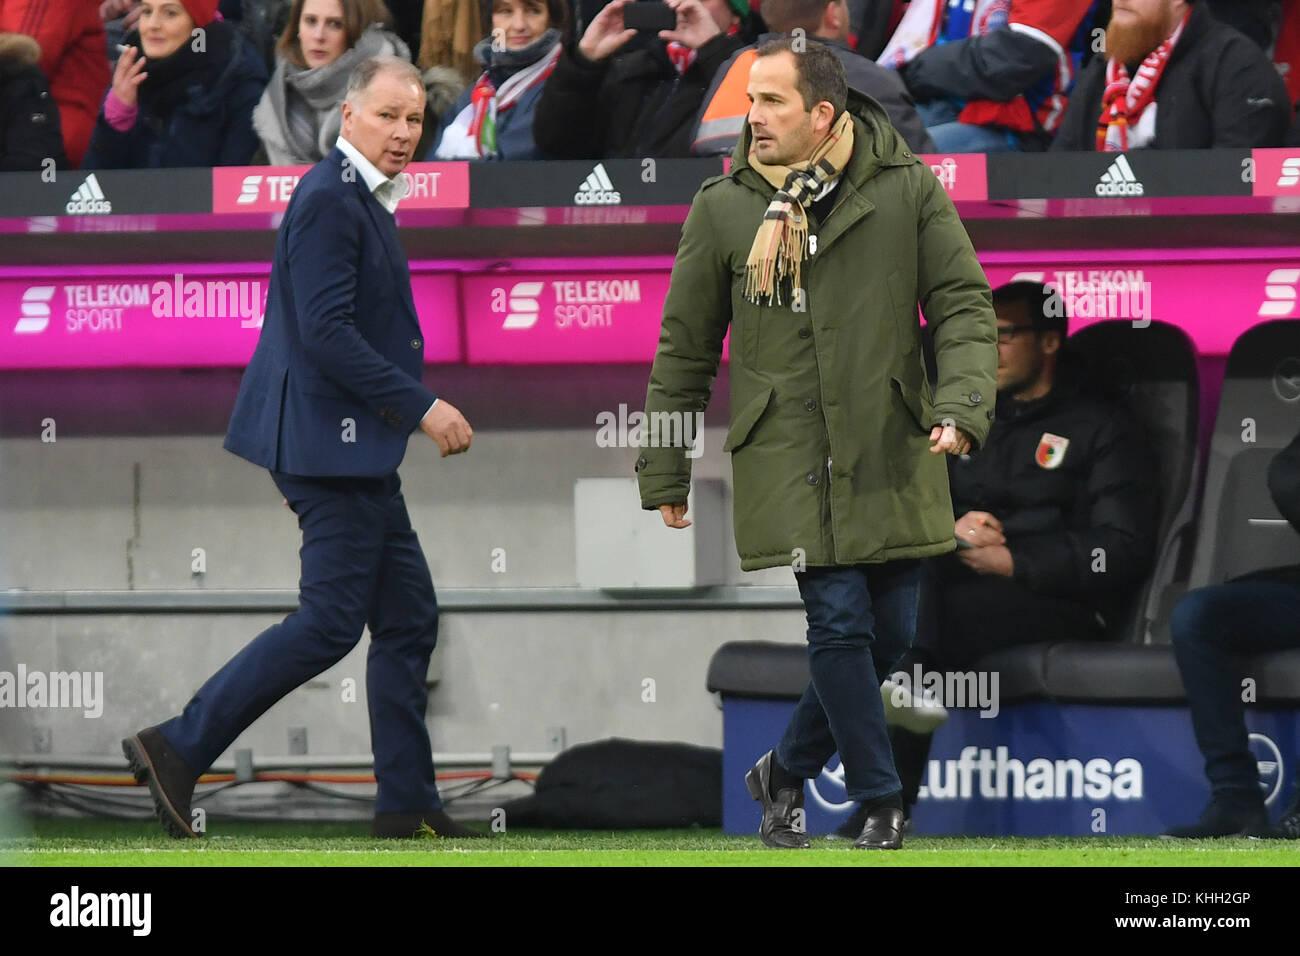 v.re:Manuel BAUM (Trainer FC Augsburg) with Stefan REUTER (Manager FC Augsburg), Fussball 1. Bundesliga, 12.Spieltag, - Stock Image